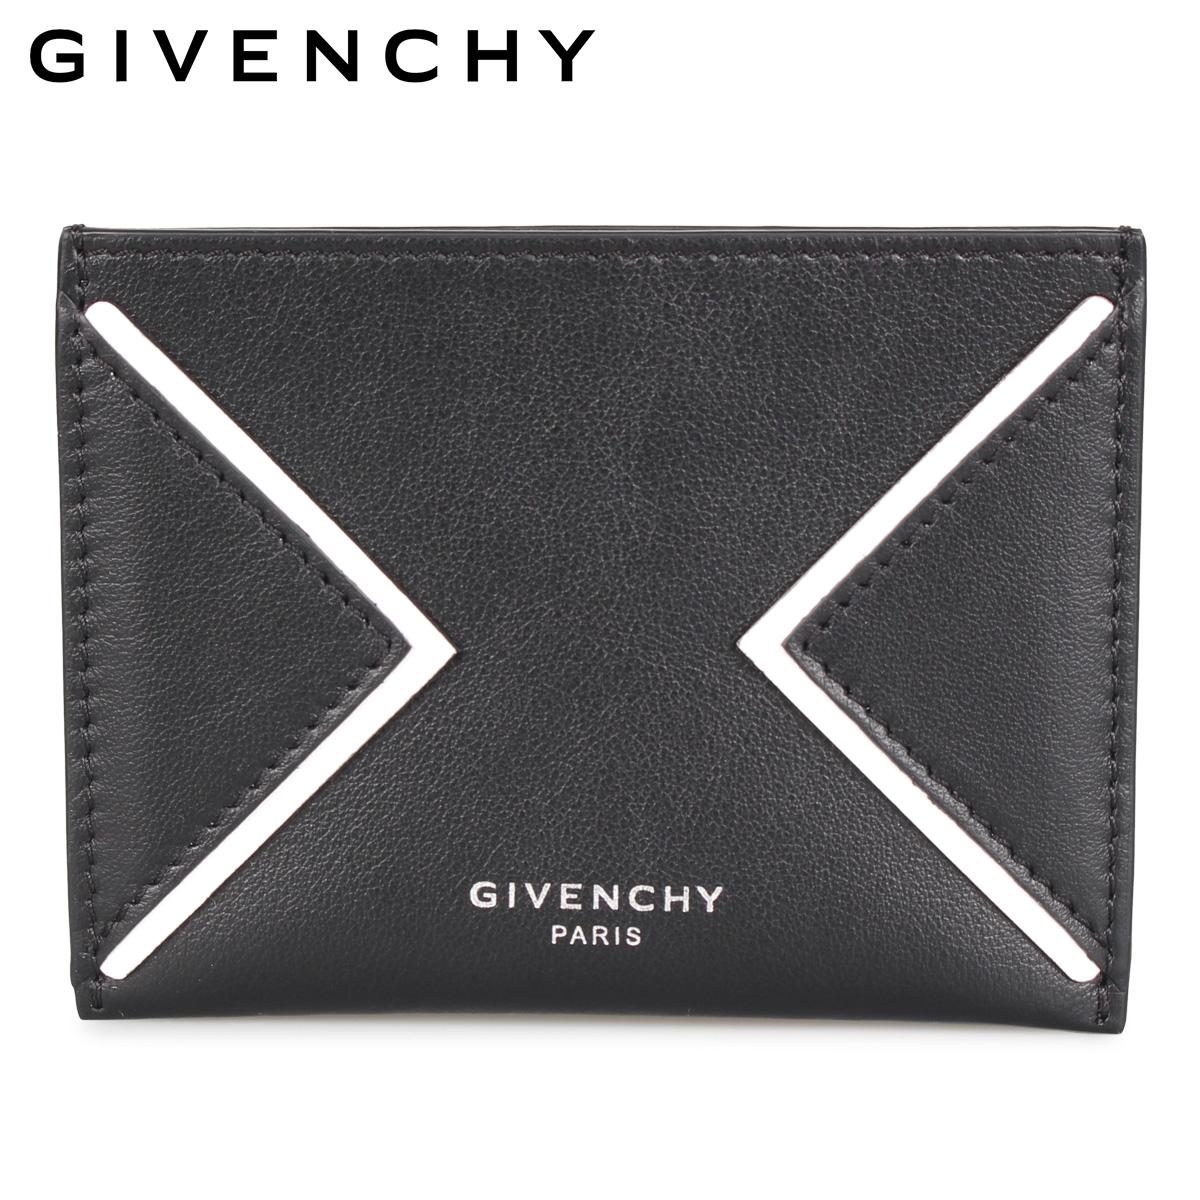 GIVENCHY ジバンシィ パスケース カードケース ID 定期入れ メンズ CARD HOLDER ブラック 黒 BK6003 [3/9 新入荷]